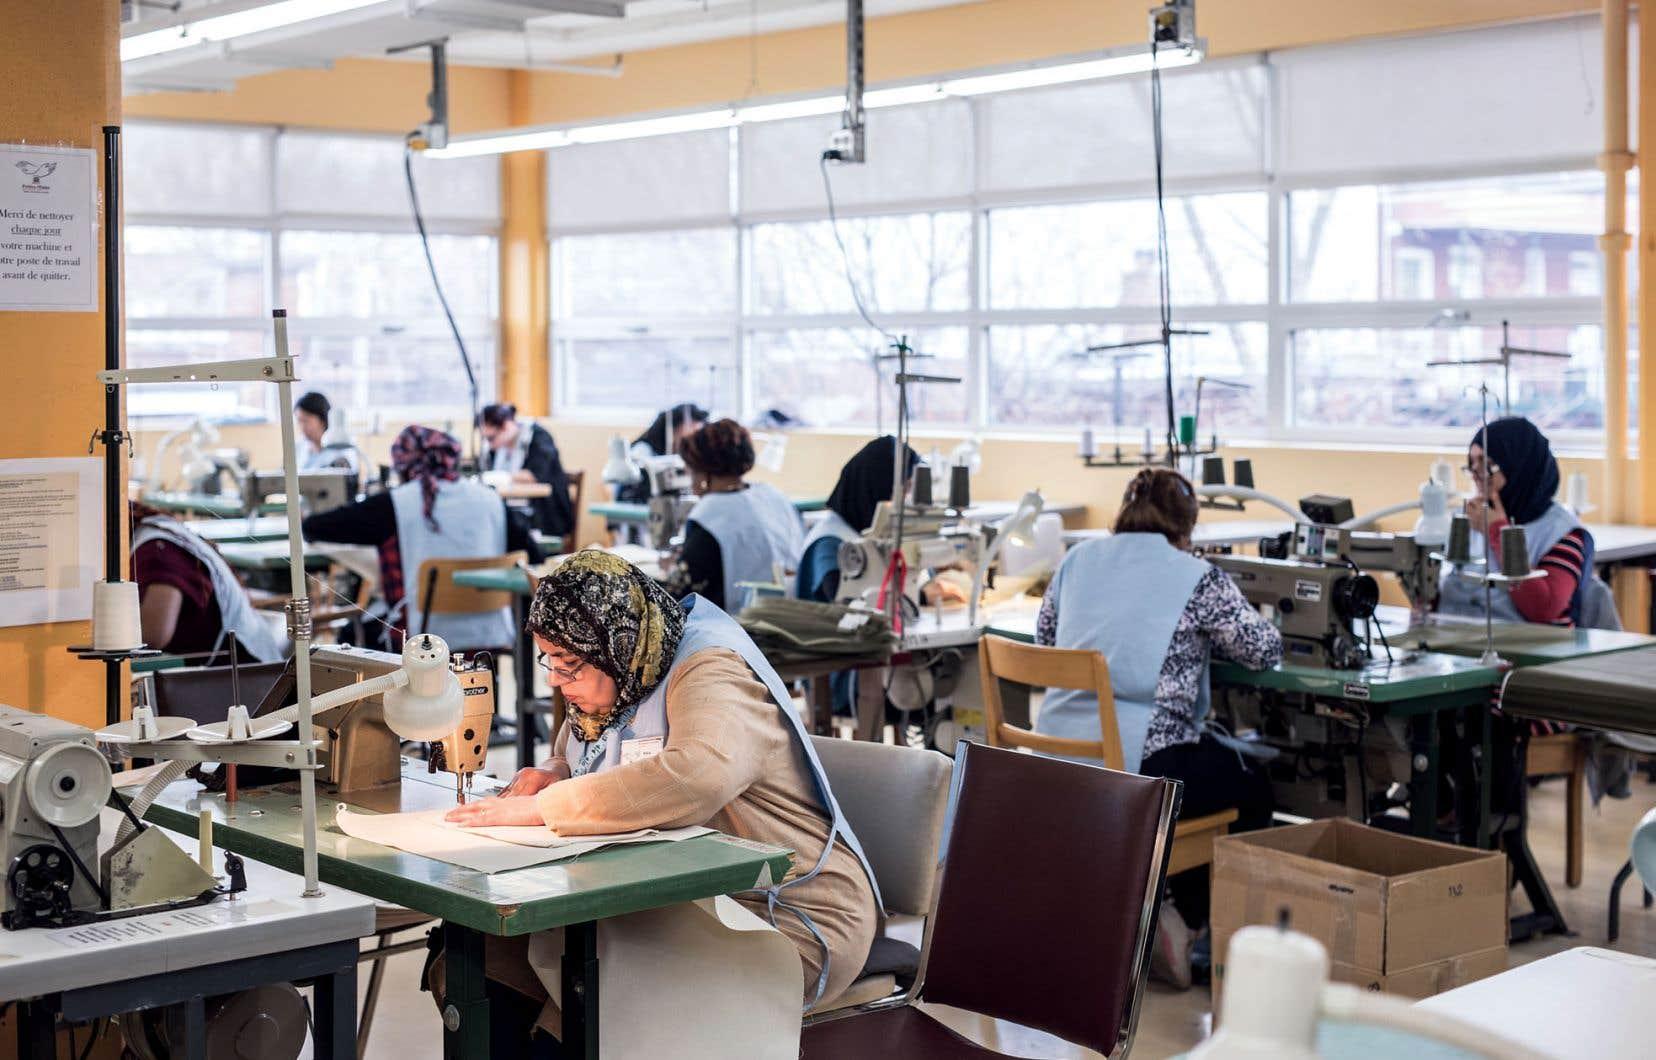 Une cinquantaine de femmes profitent de la formation de six mois pour devenir opératrice en couture industrielle chaque année, et le taux de placement a été l'an dernier de 88%.